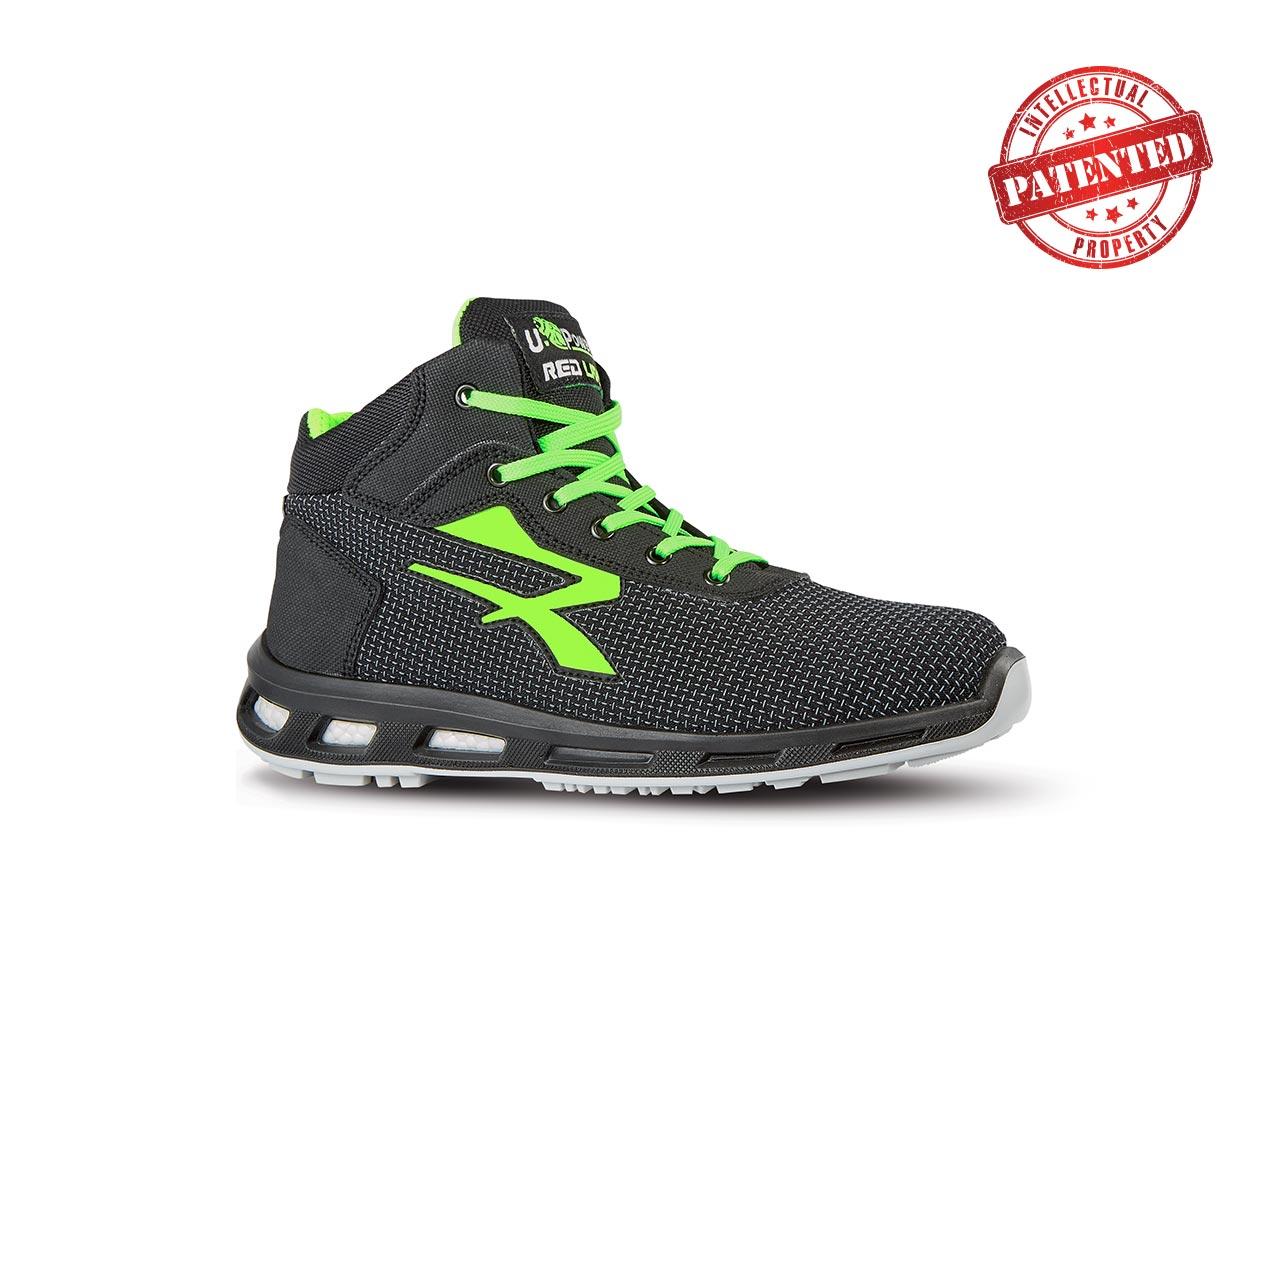 scarpa antinfortunistica alta upower modello hard linea redlion vista laterale